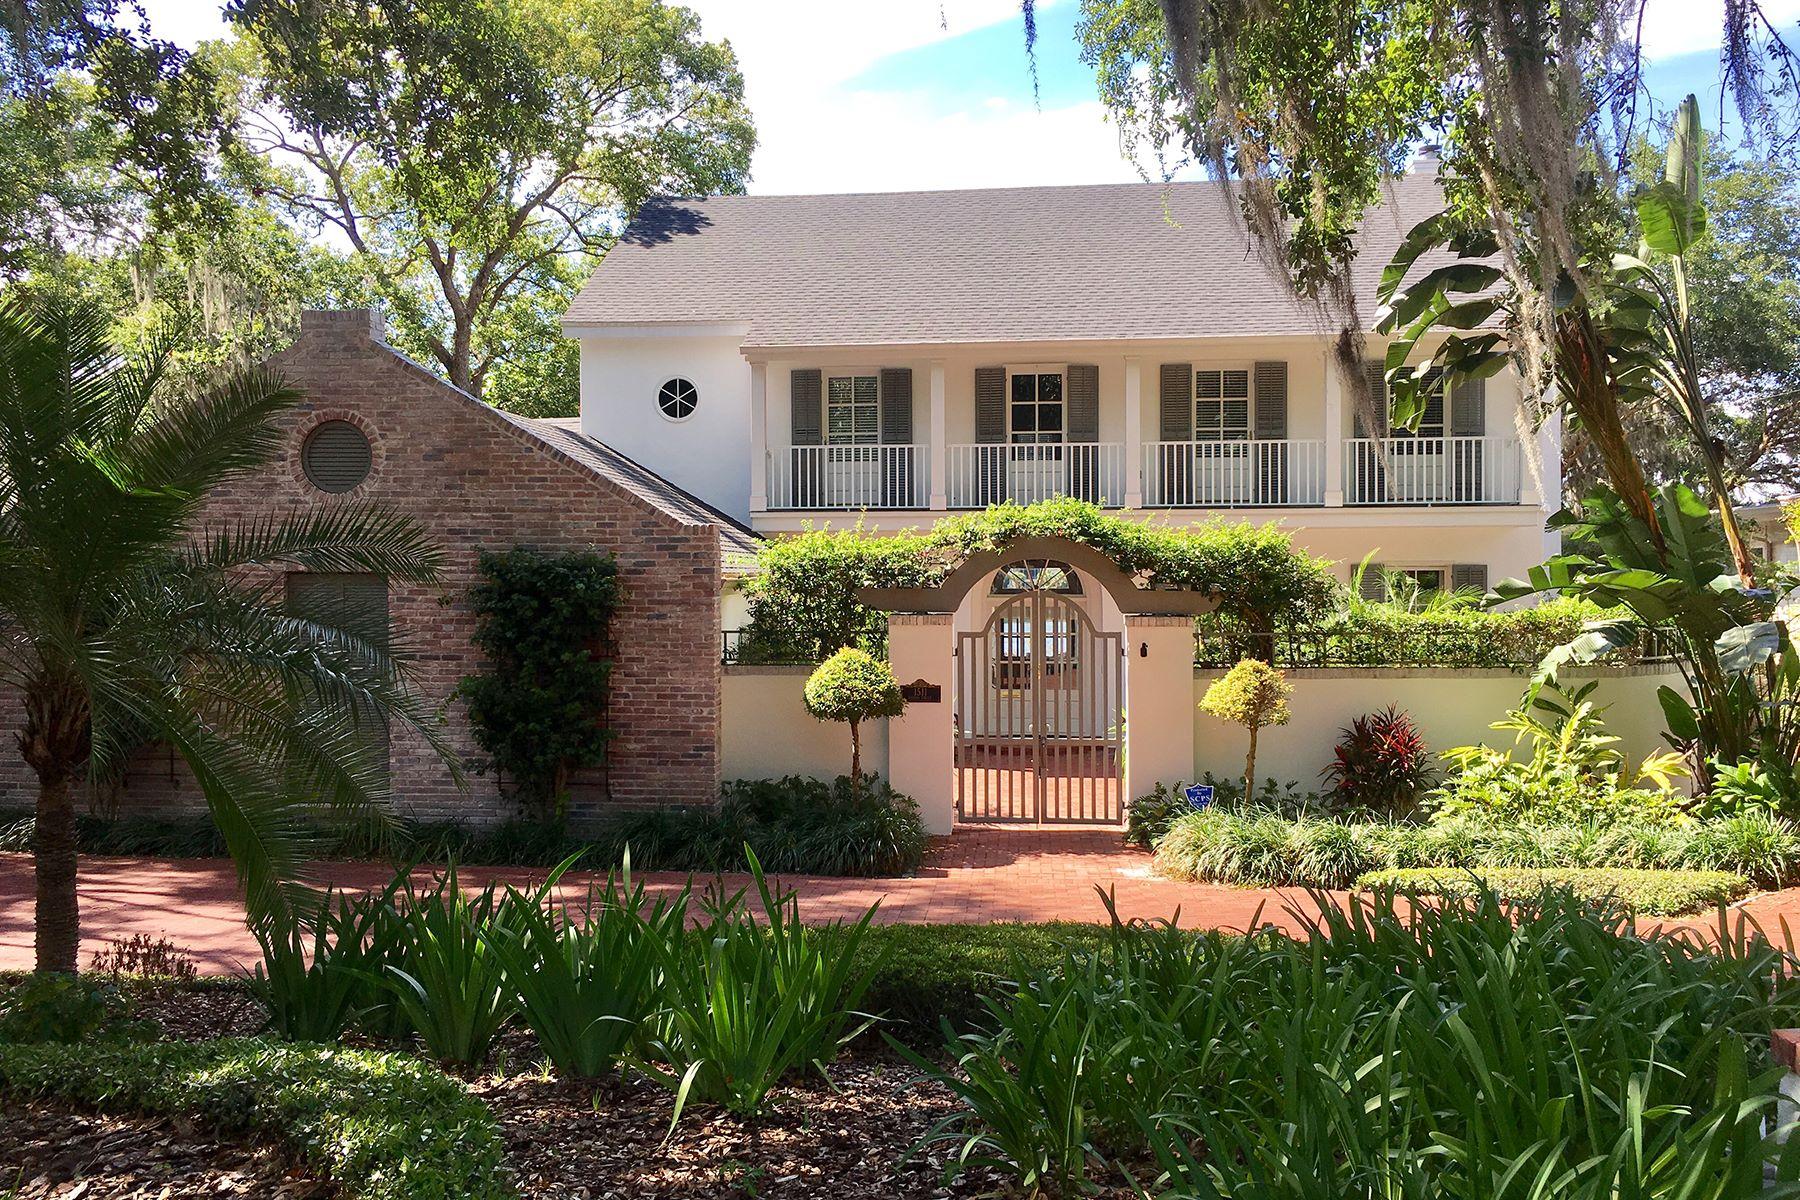 Tek Ailelik Ev için Satış at WINTER PARK FLORIDA 1511 Harris Cir Winter Park, Florida, 32789 Amerika Birleşik Devletleri